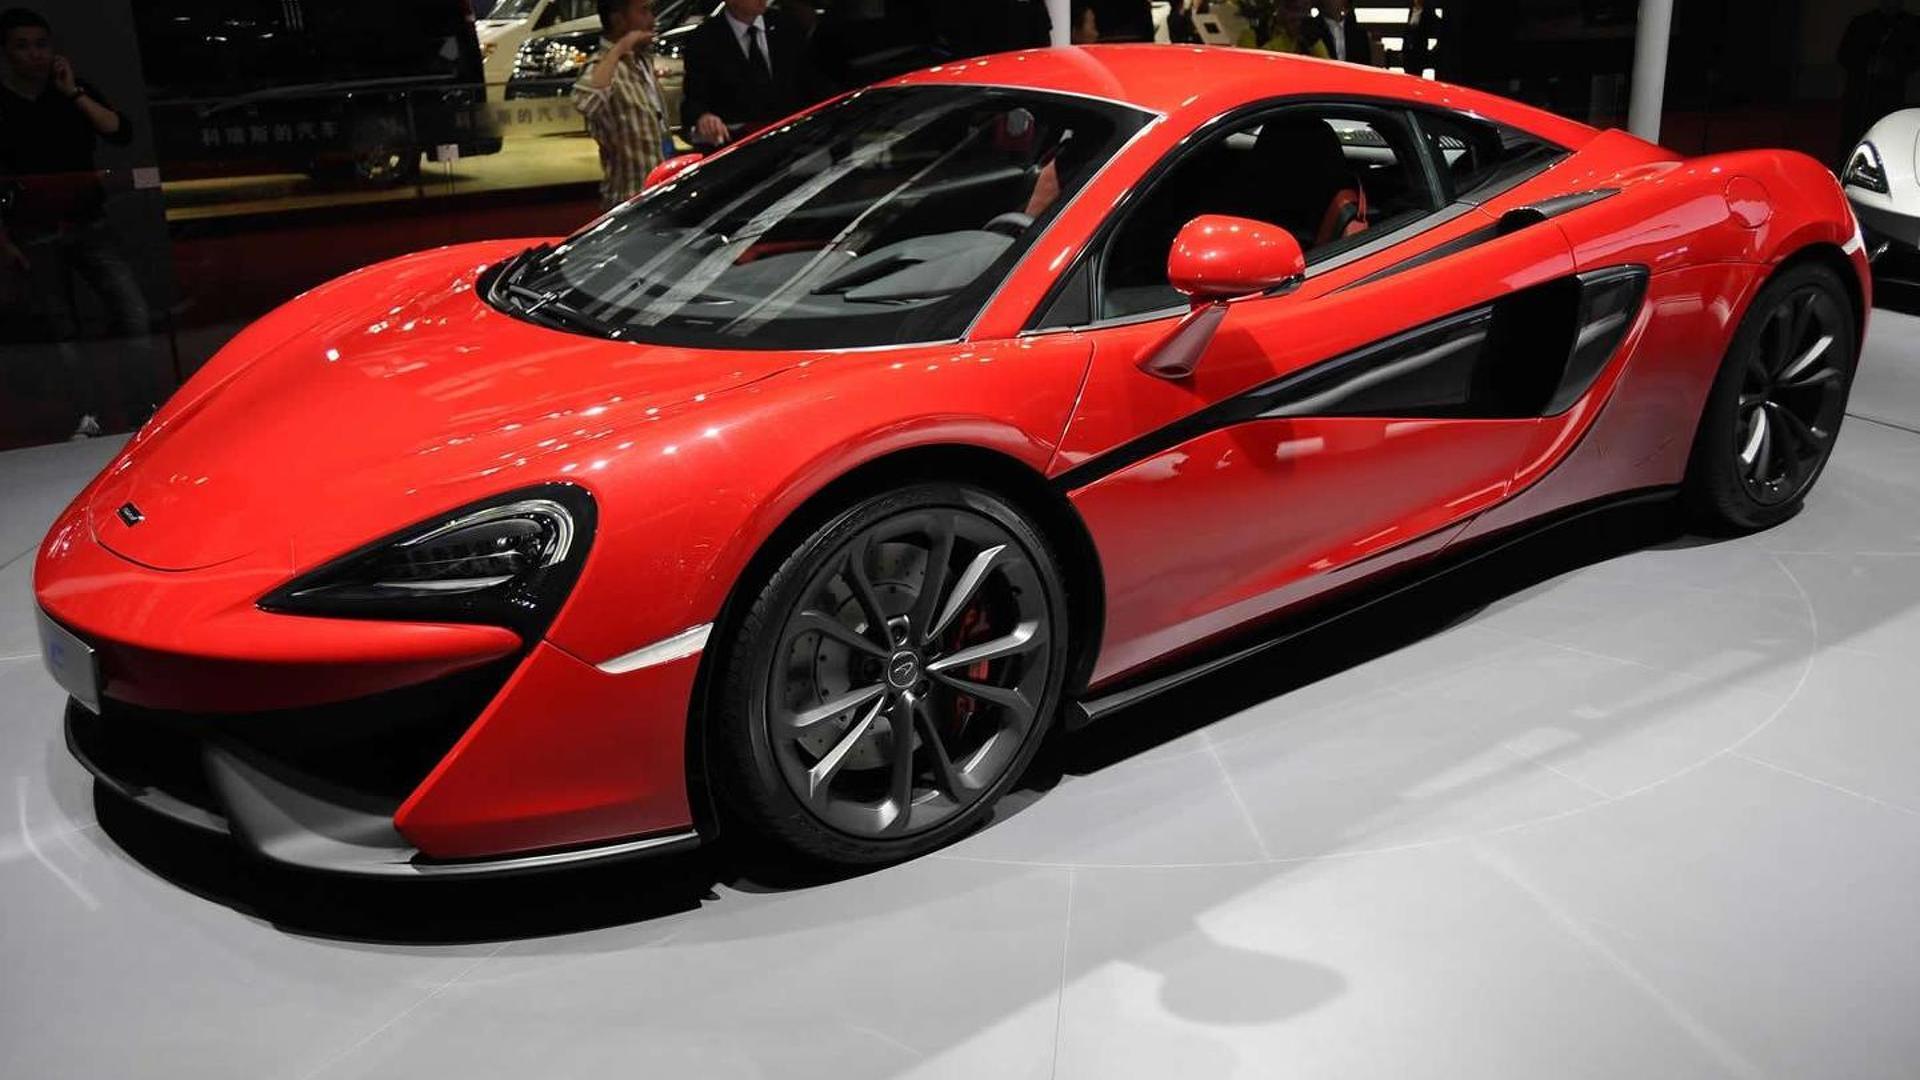 McLaren doesn't plan to go below 540C